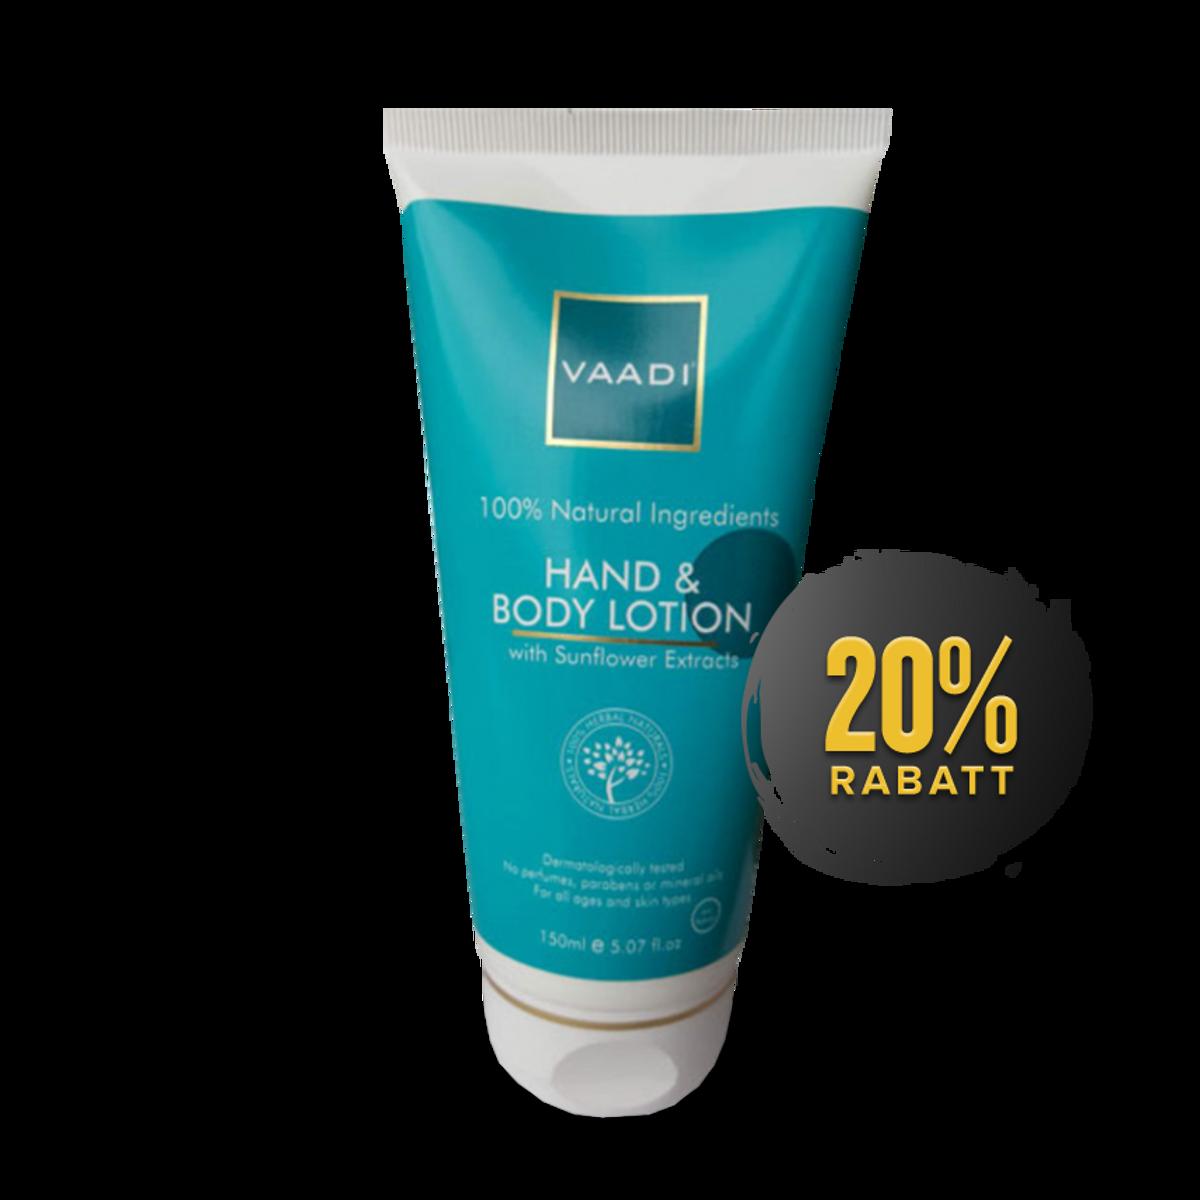 Hand & Body Lotion (Vaadi)